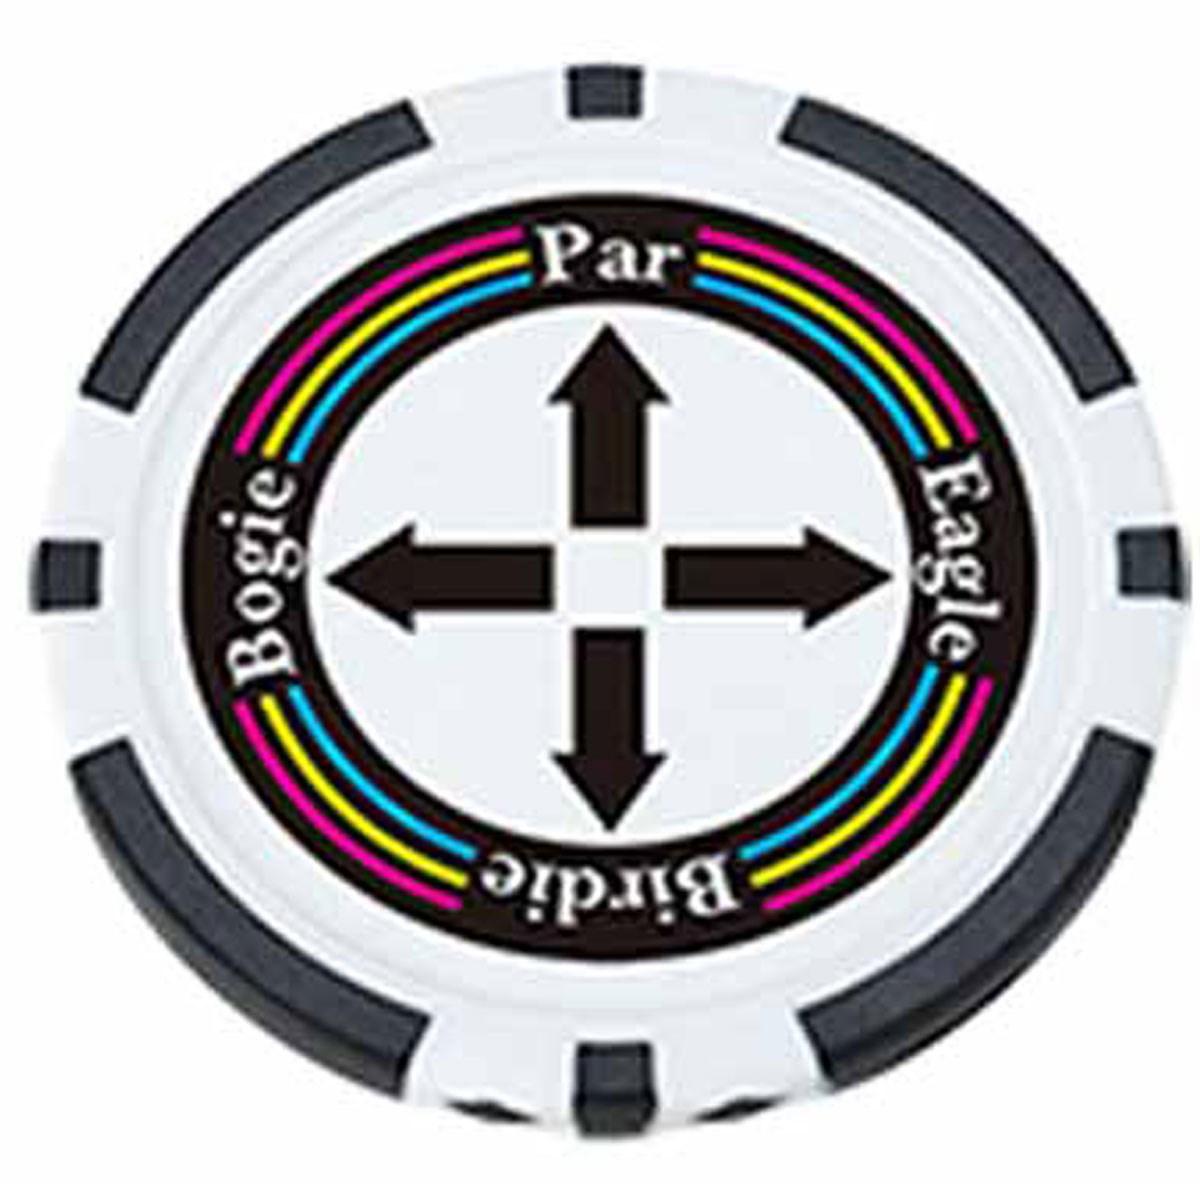 ライト ポーカーチップマーカー